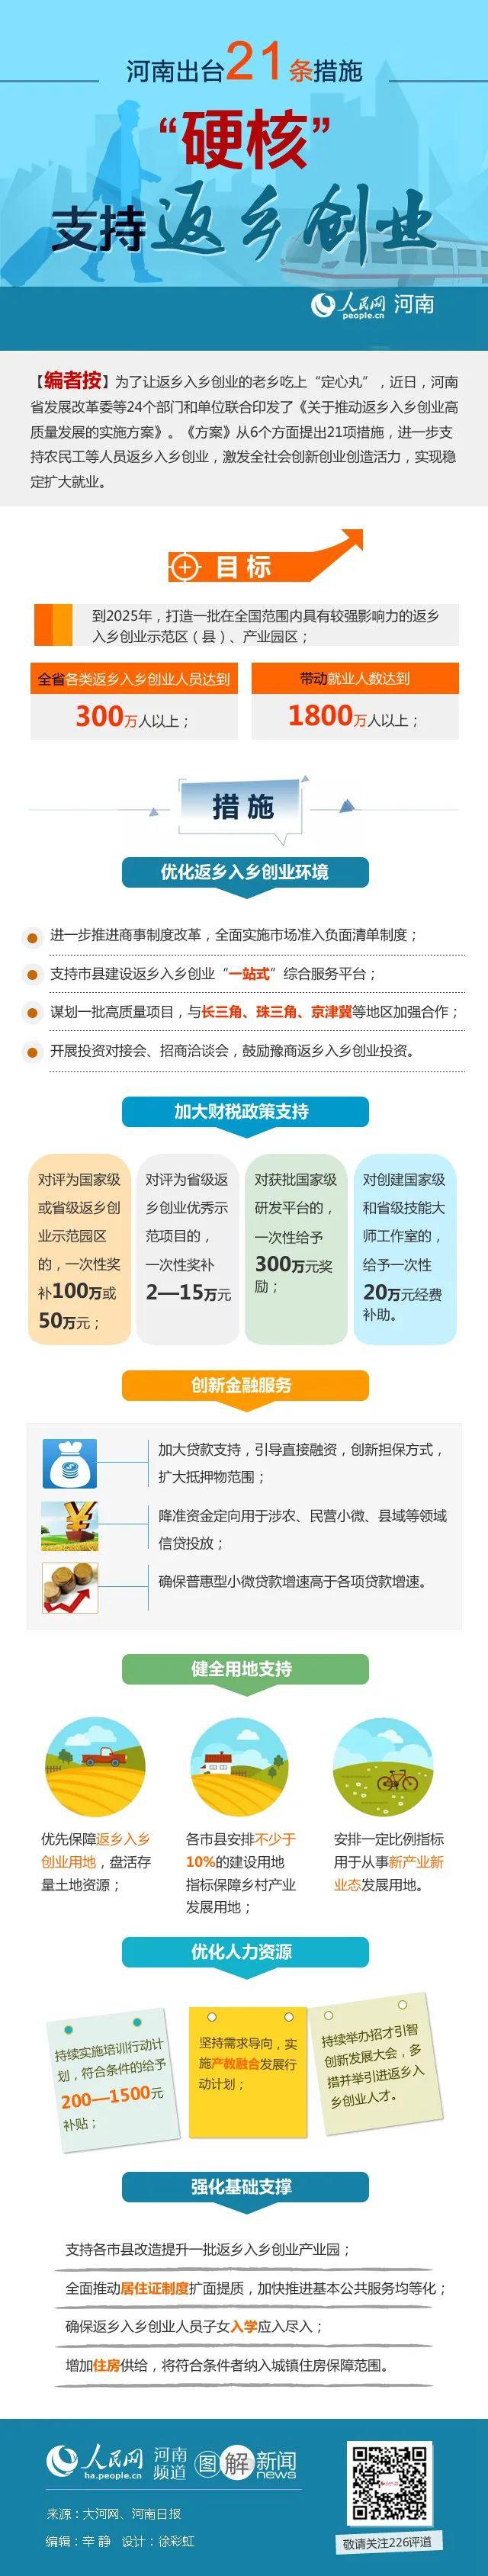 """图解:河南出台21条""""硬核""""措施,支持返乡创业"""